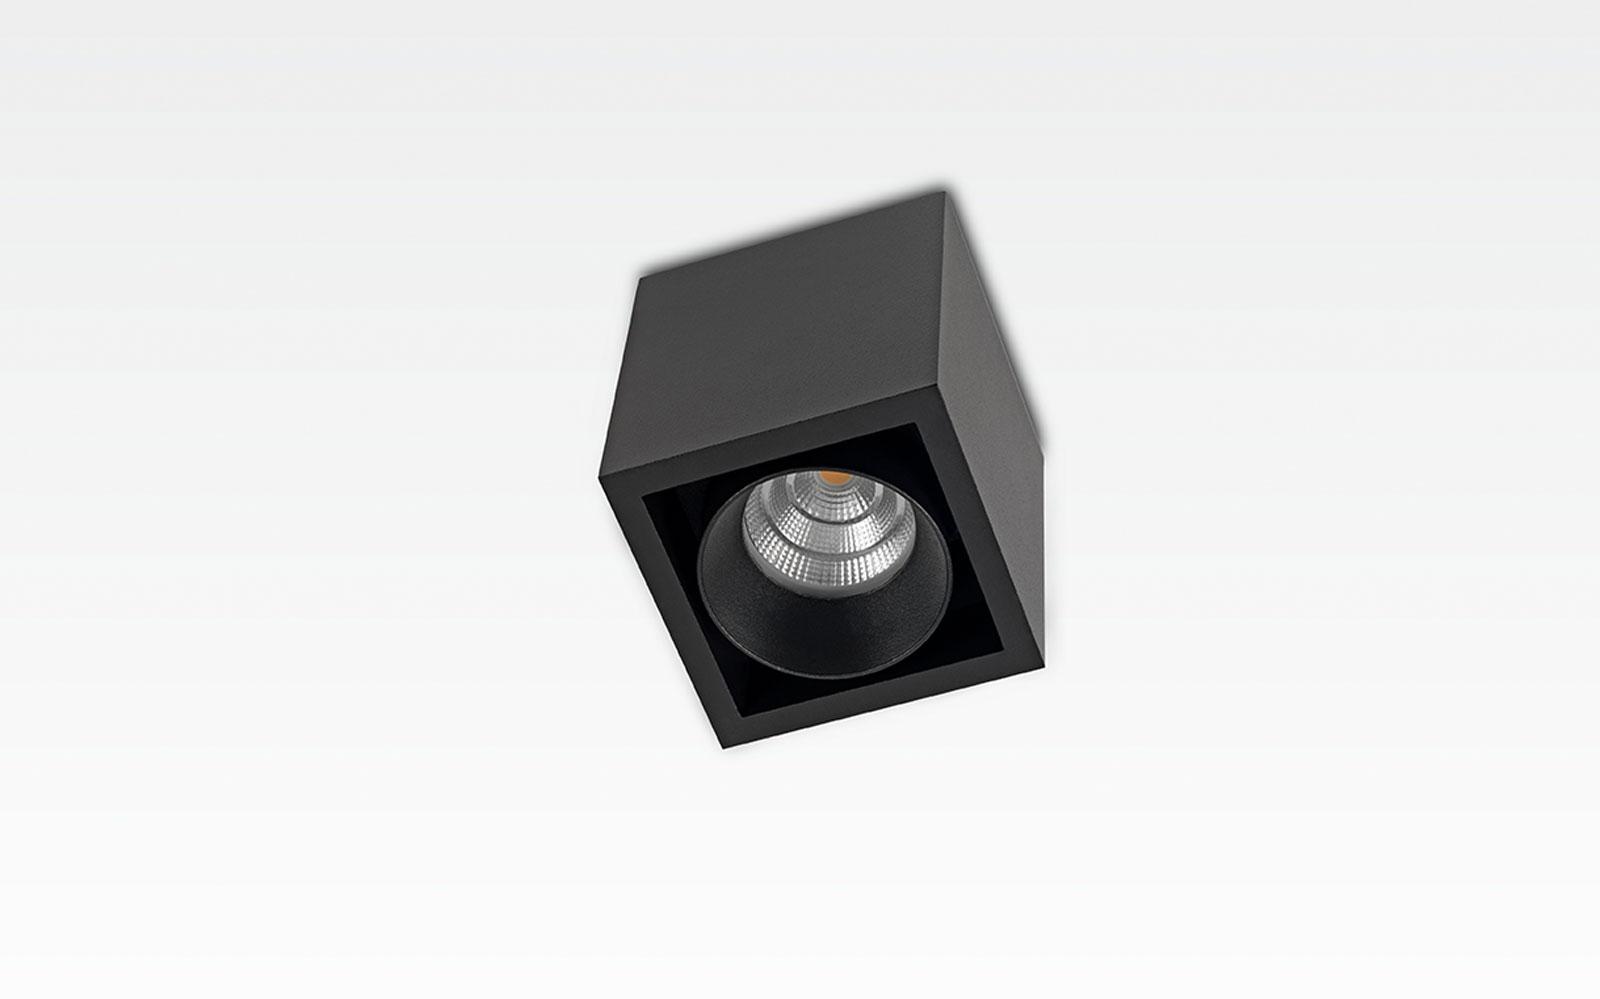 Armaturen, Orbit Lighting, Exclusief, sfeervol, vochtige ruimte, nieuwe creatie, innovatie